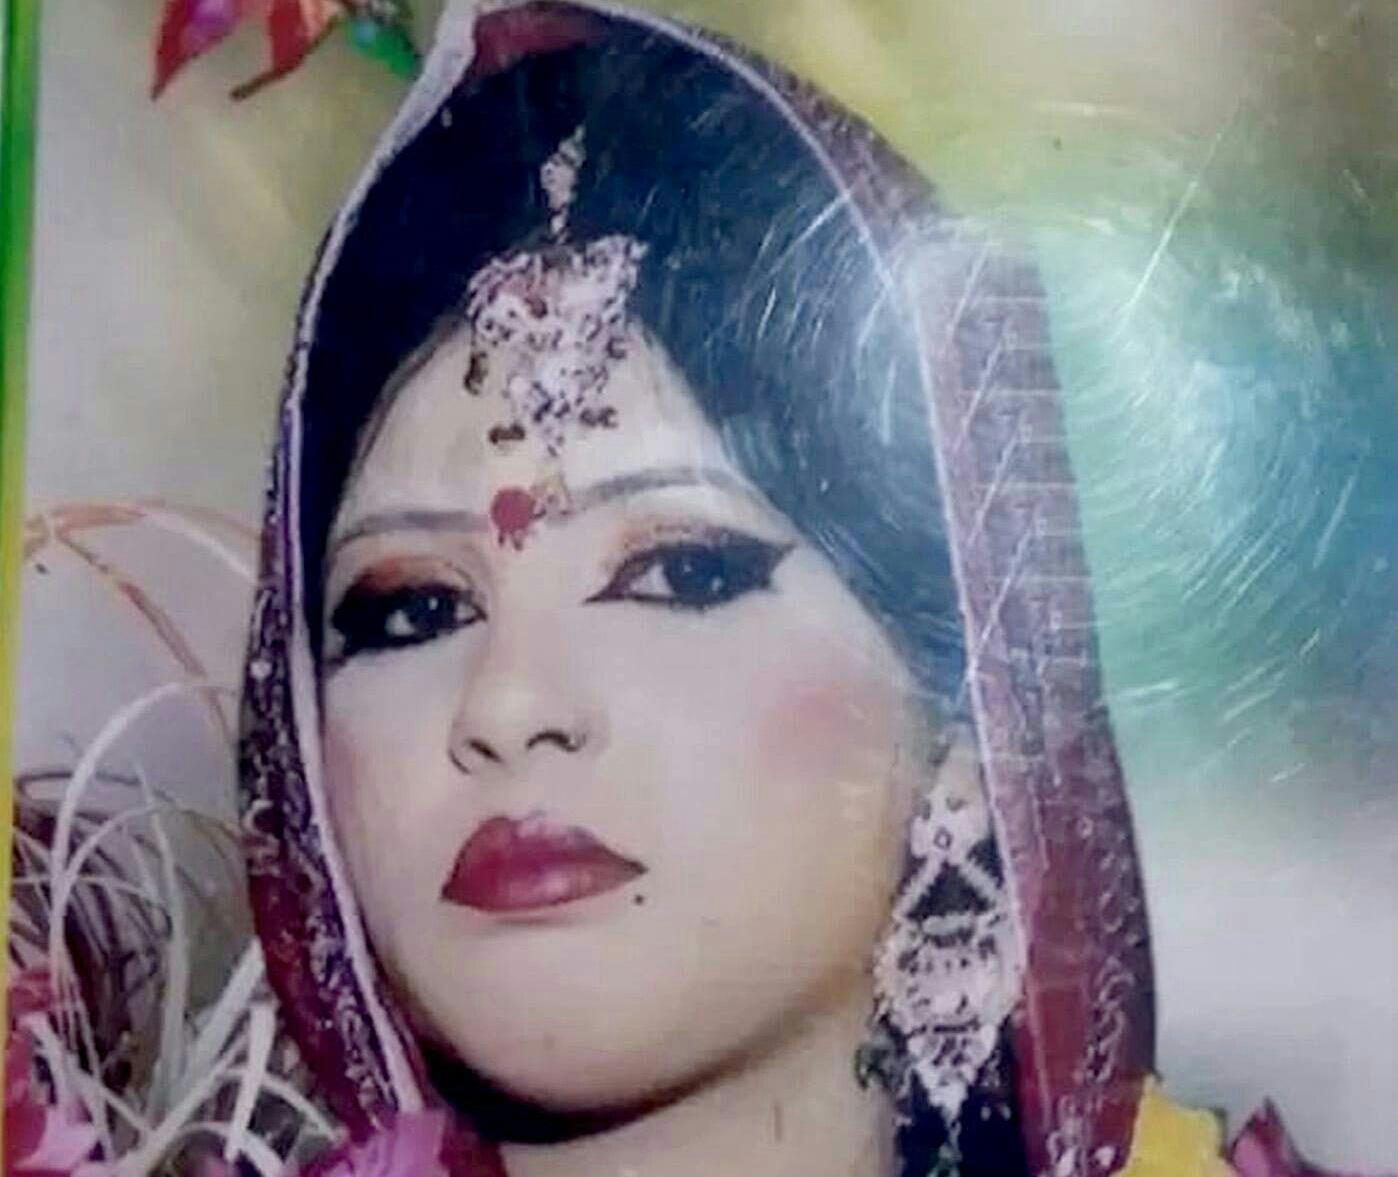 ভুজপুরে গৃহবধুকে গলাকেটে হত্যা : দুজন আটক